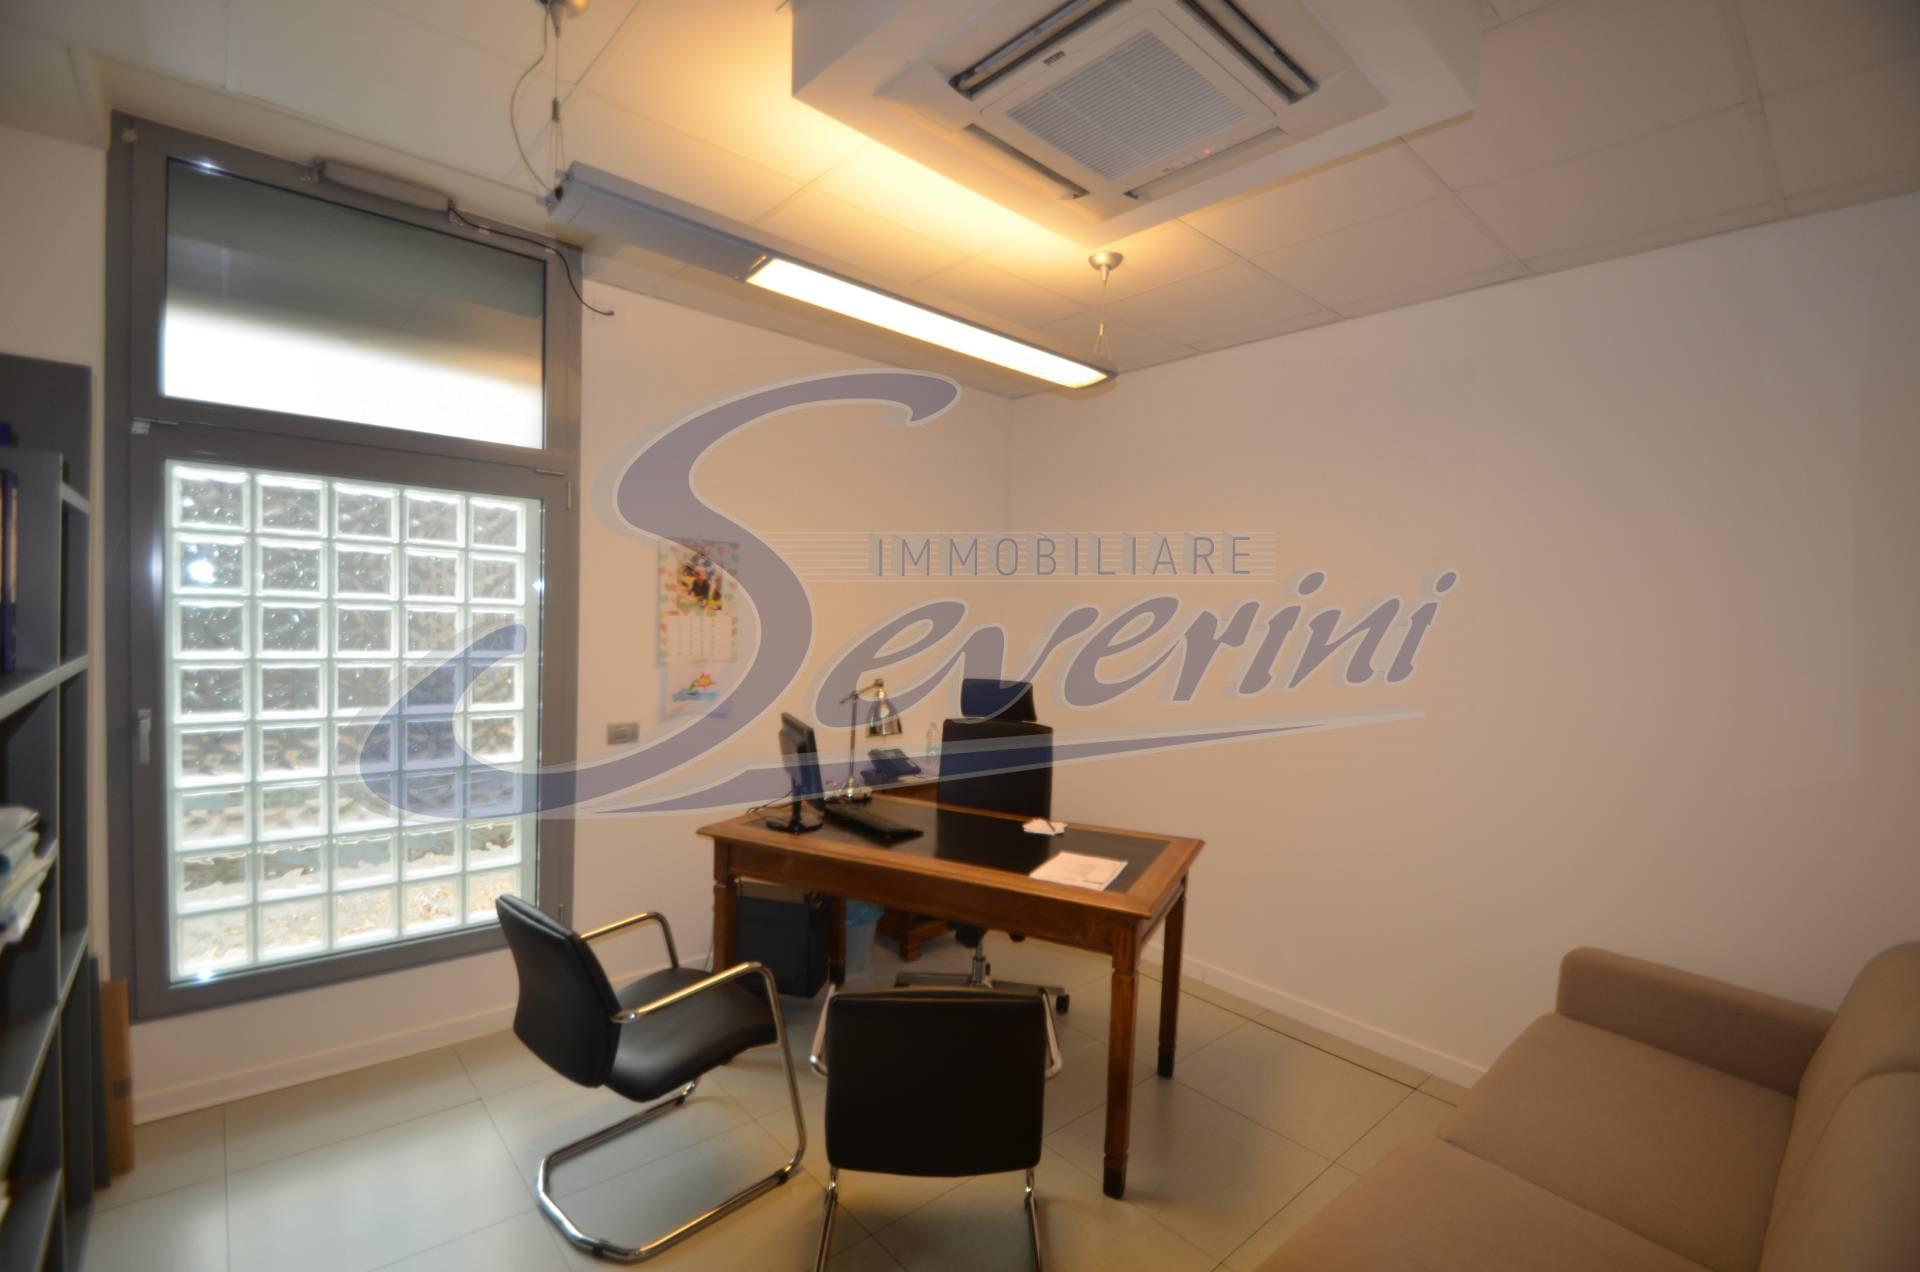 Ufficio / Studio in affitto a Lipomo, 9999 locali, prezzo € 1.000 | CambioCasa.it